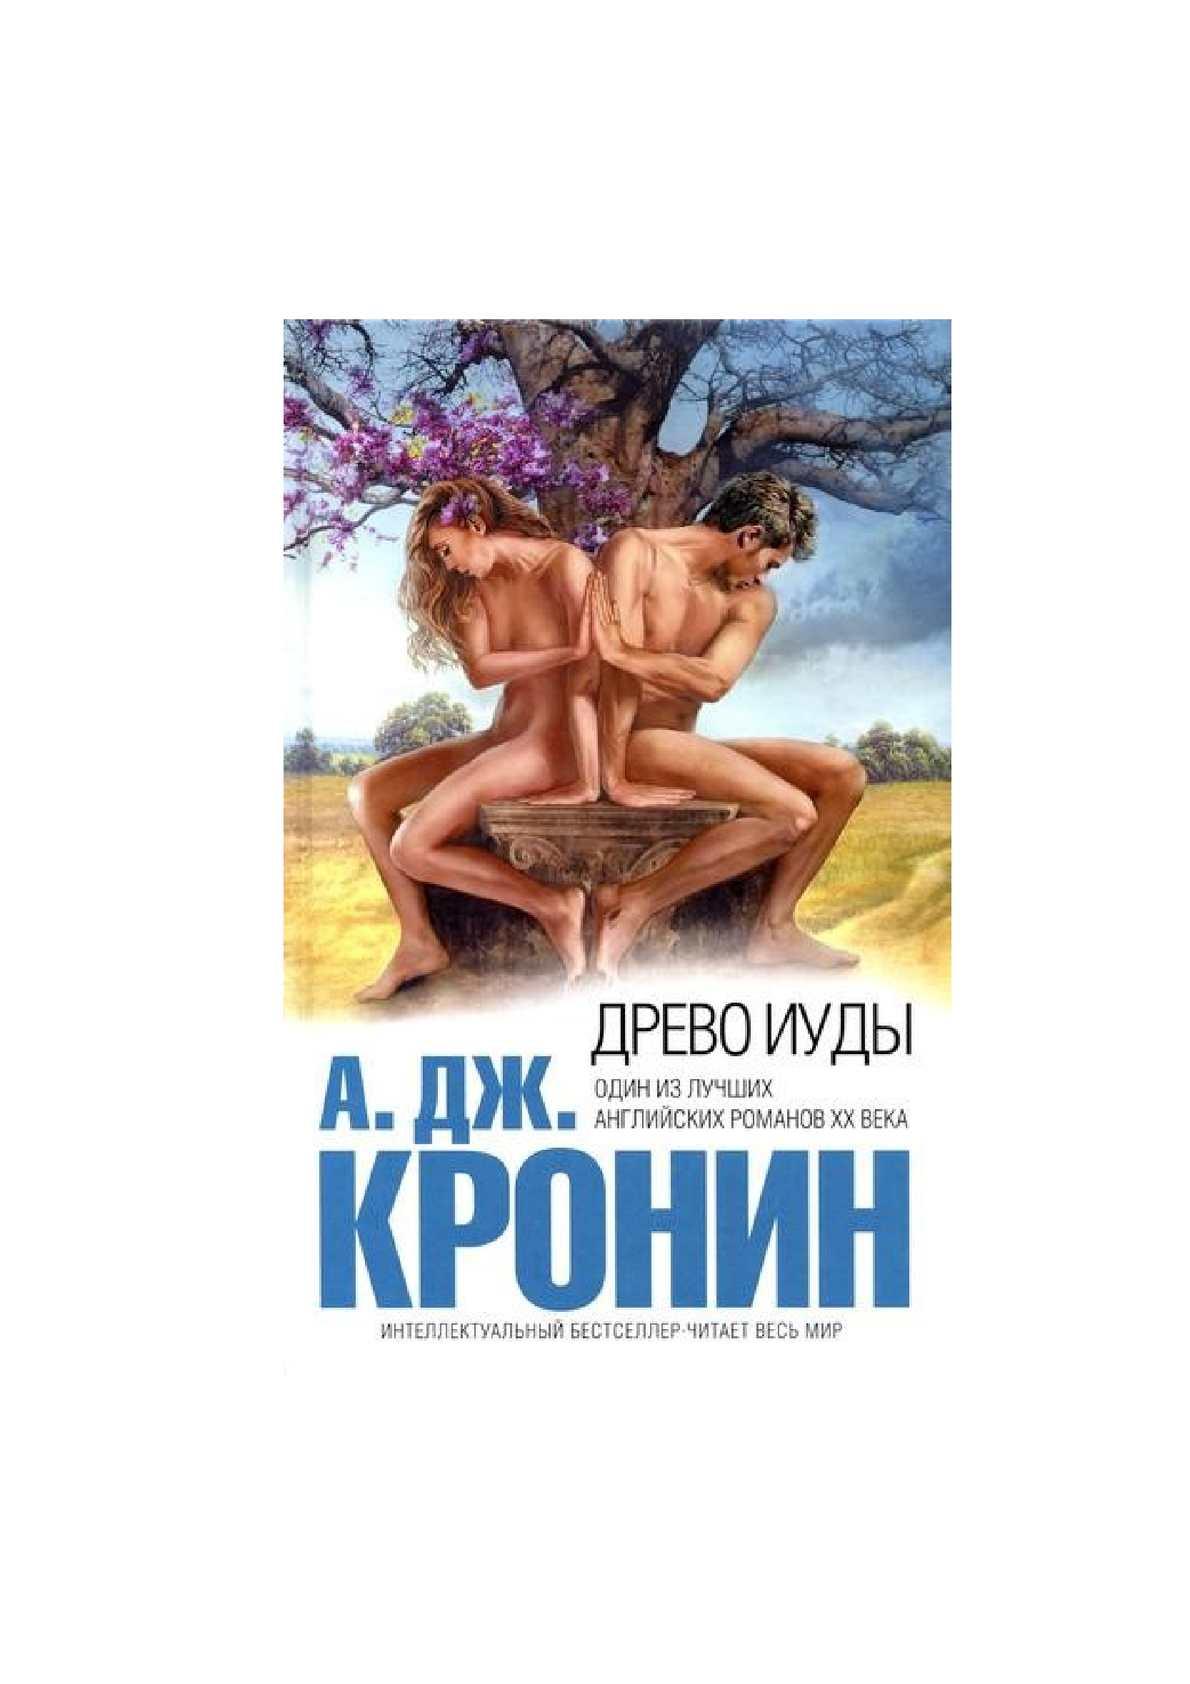 goloy-keyt-tersya-v-avtobuse-o-zreluyu-tetyu-blondinka-ulitse-video